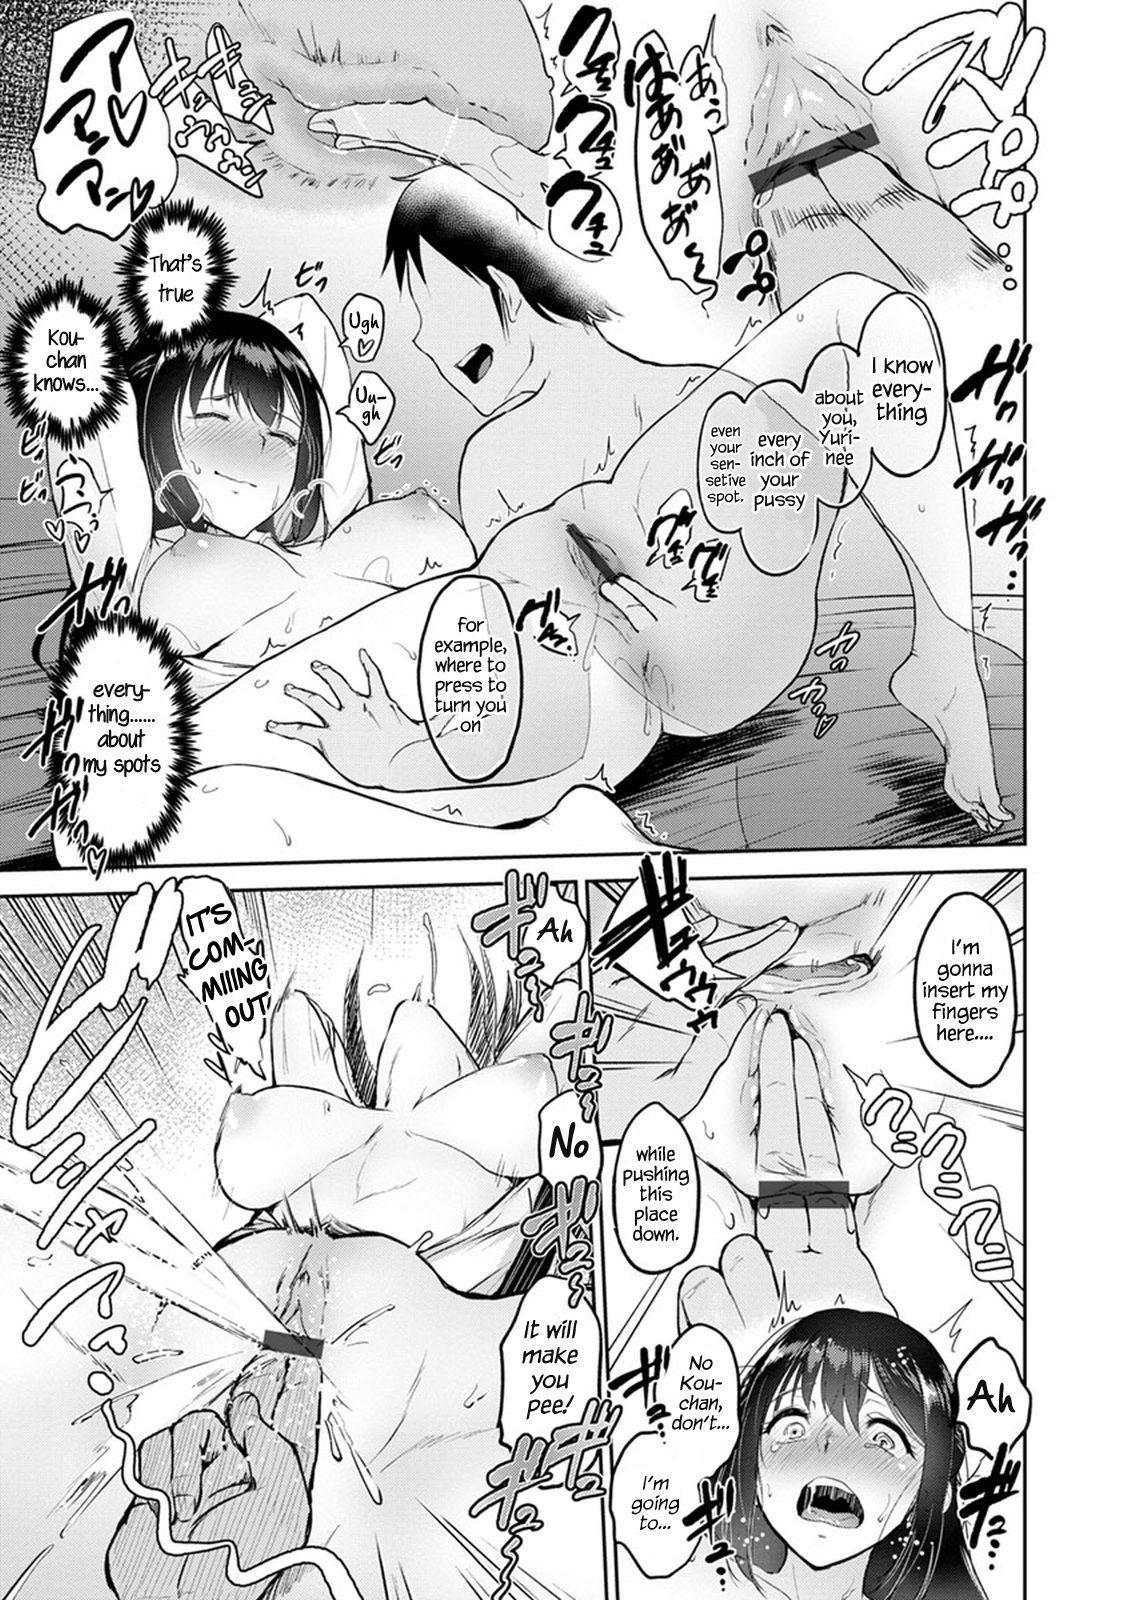 [bifidus] Yuri-nee to no Shujuu Kankei | Master and Slave relationship with Yuri-nee (Kimi o Sasou Uzuki Ana) [English] [Redlantern] [Digital] 12